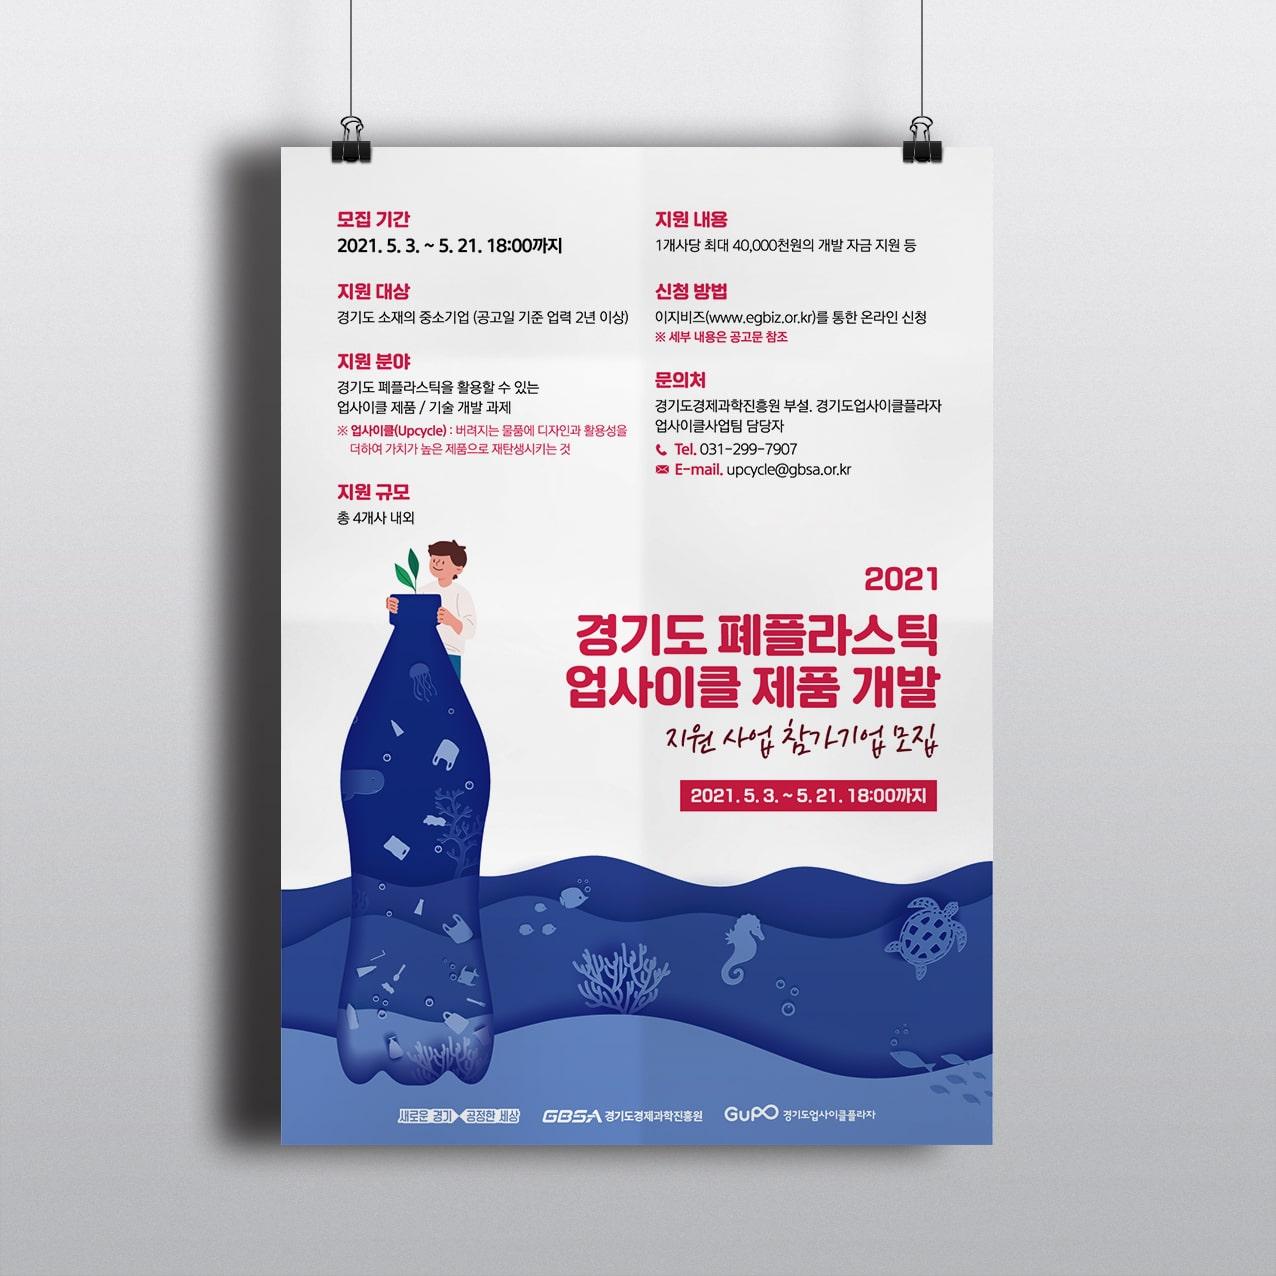 경기도 폐플라스틱 업사이클 제품 개발 지원 사업 참가기업 모집 - 경기도경제과학진흥원